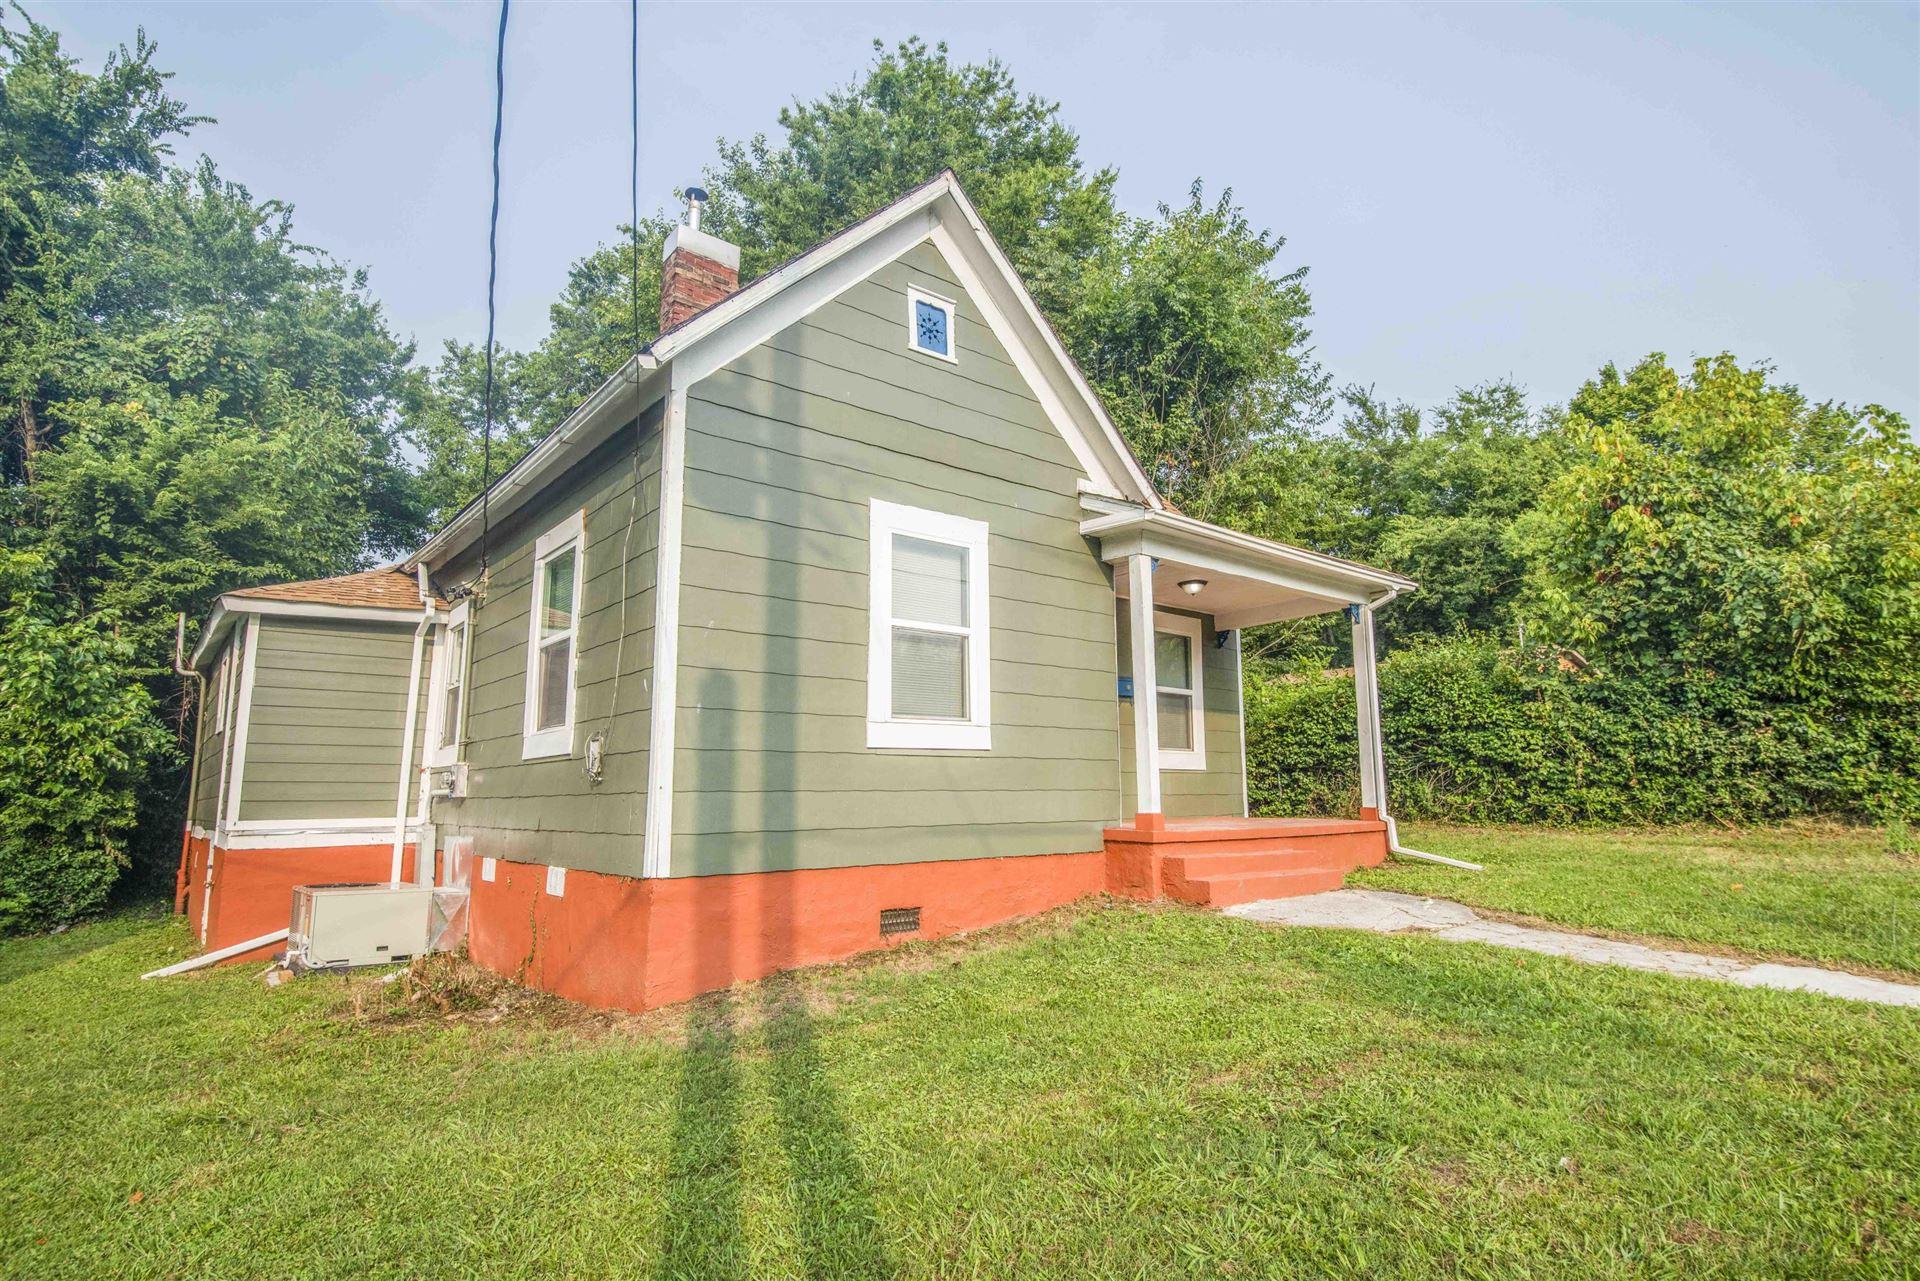 Photo of 3115 Galbraith St, Knoxville, TN 37921 (MLS # 1162348)